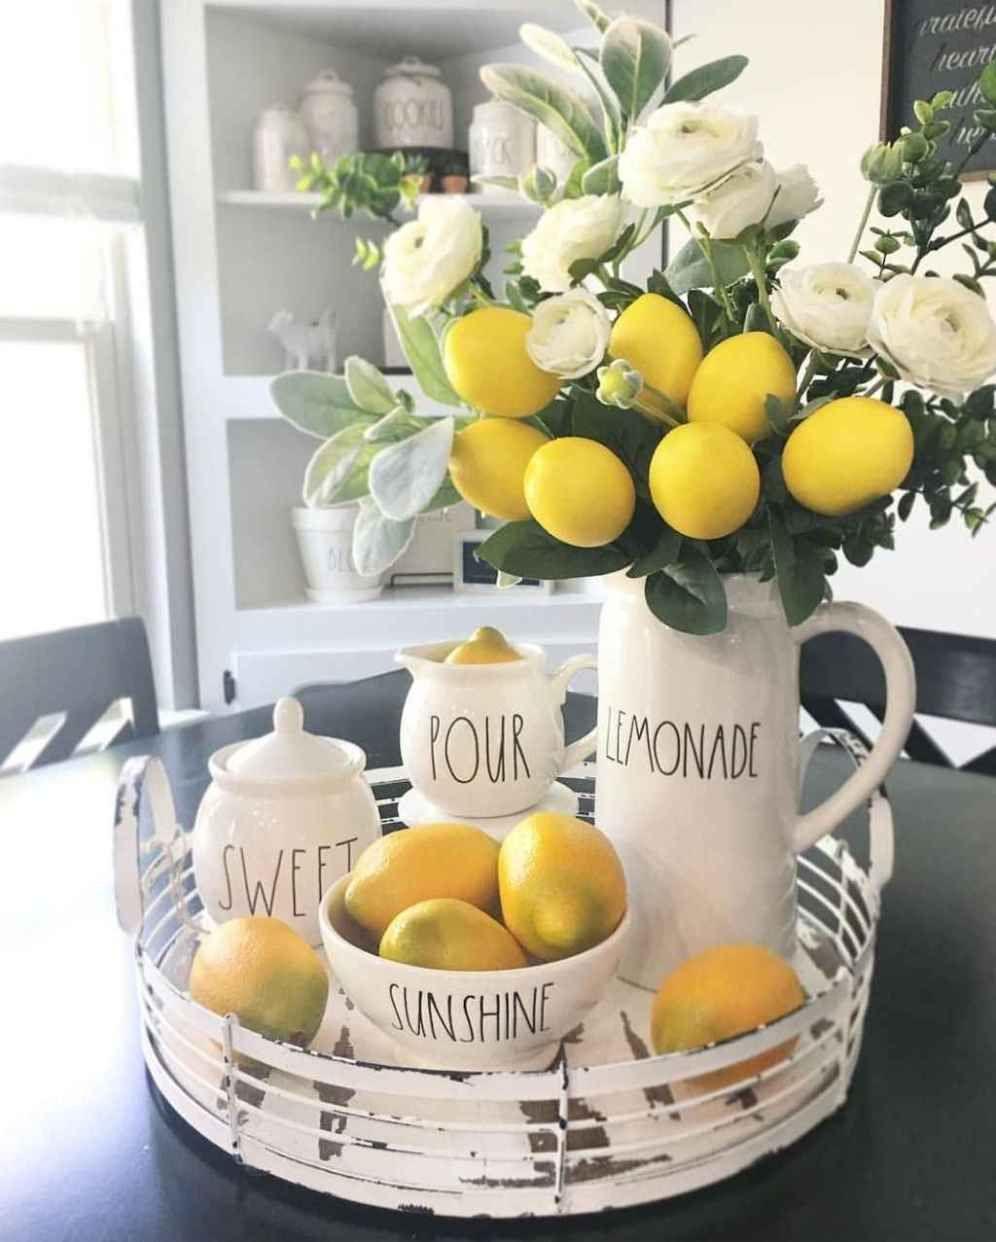 75 Farmhouse Spring Decor Ideas for Your Home Inspiration - homixover.com